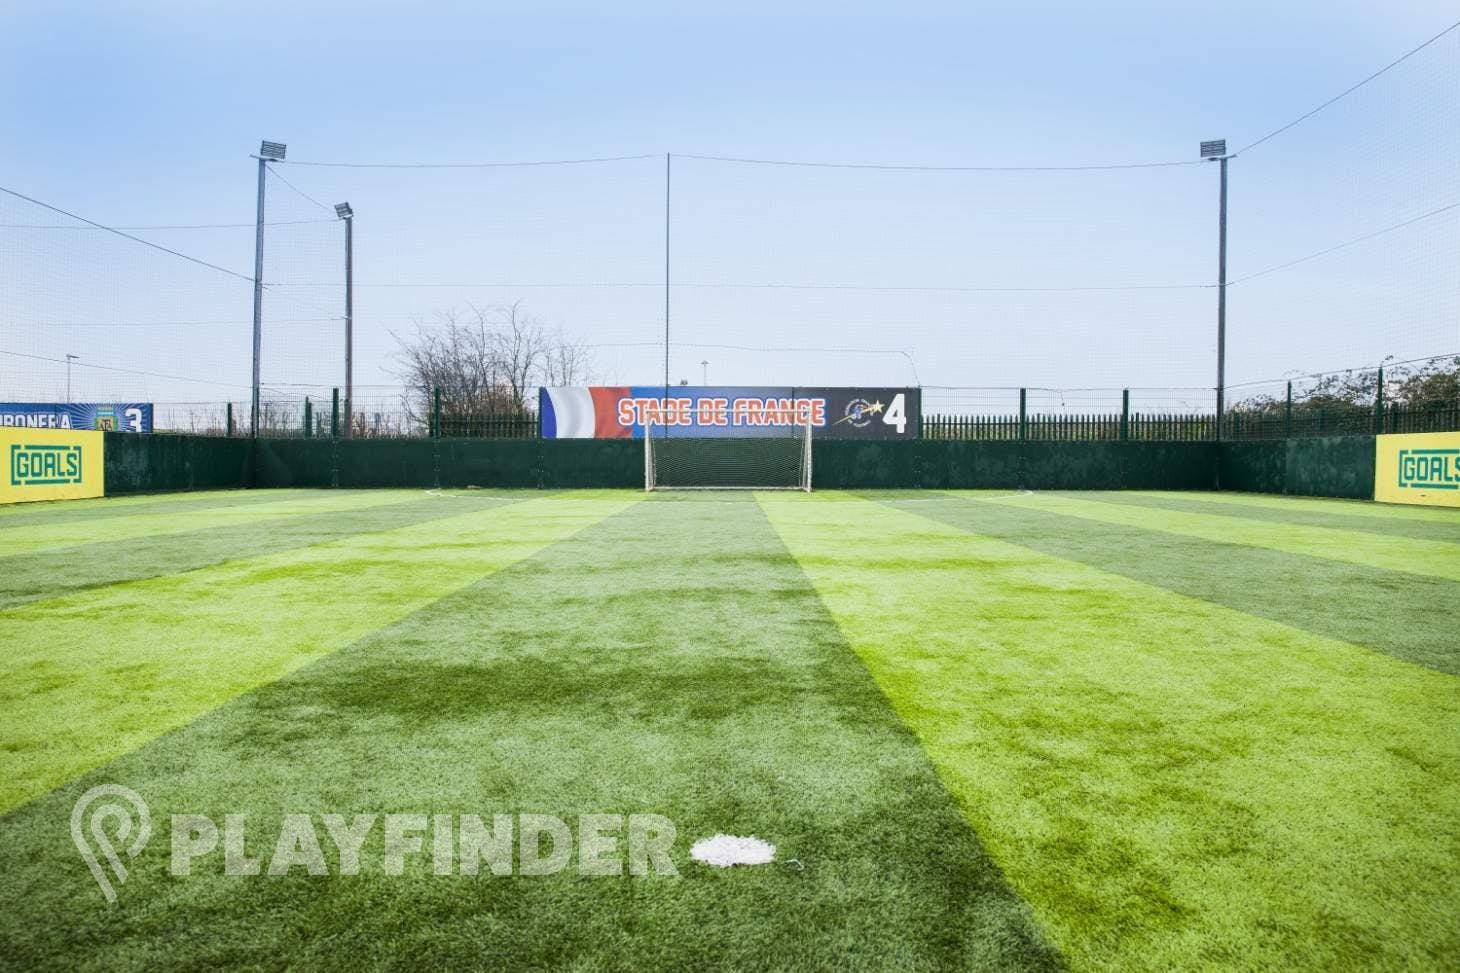 Goals Bexleyheath 8 a side | 3G Astroturf football pitch